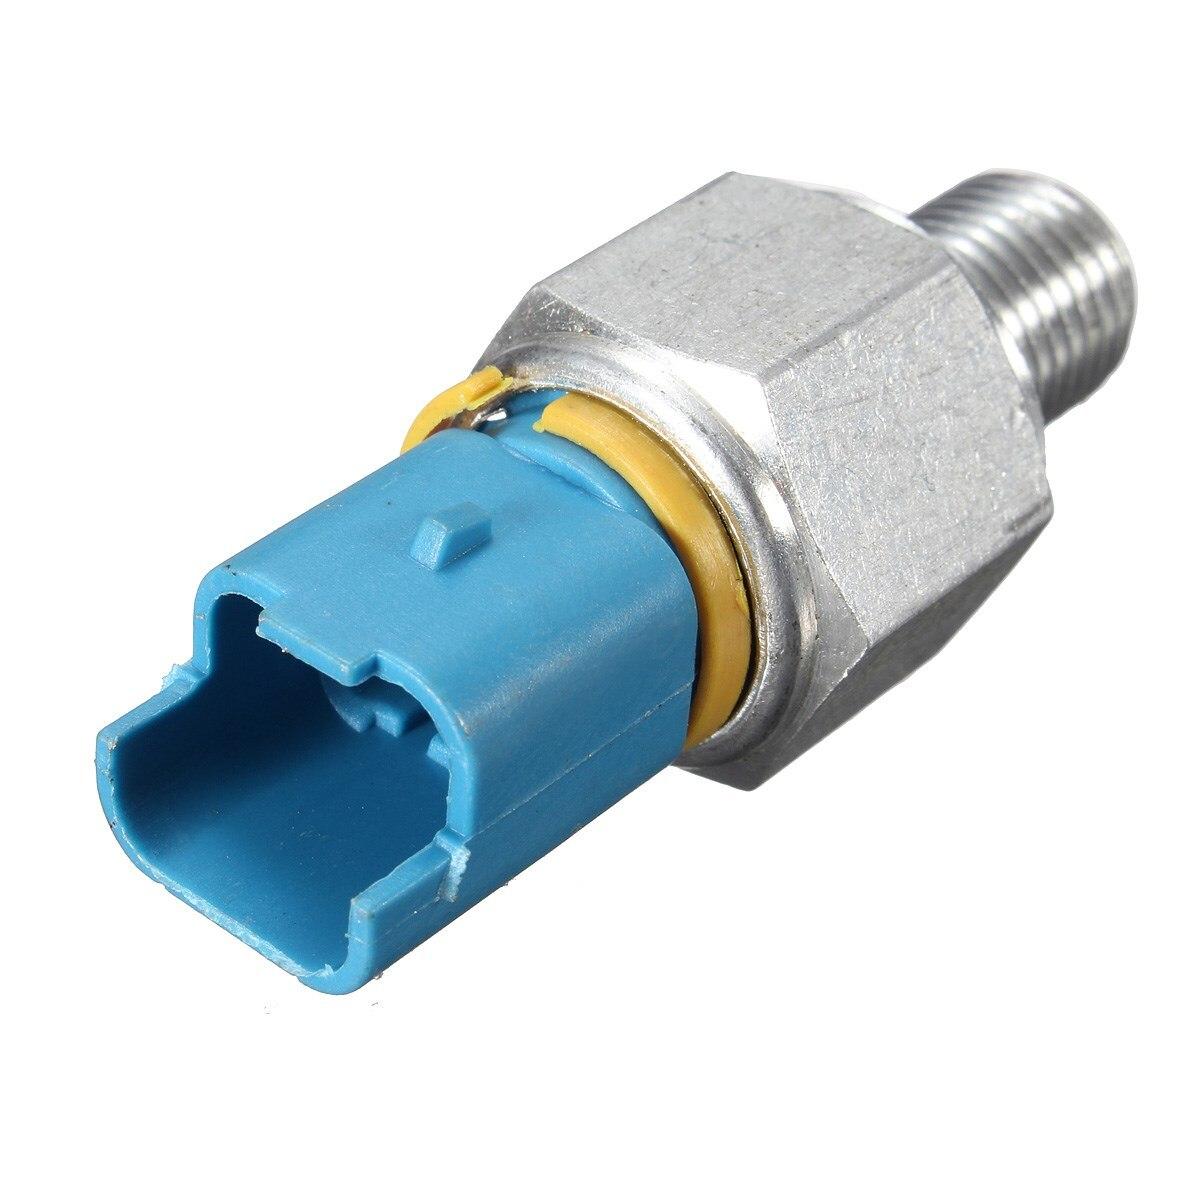 2-pin Stuurbekrachtiging Drukschakelaar Sensor Voor Peugeot 206 306 307 406 401509 Glanzend